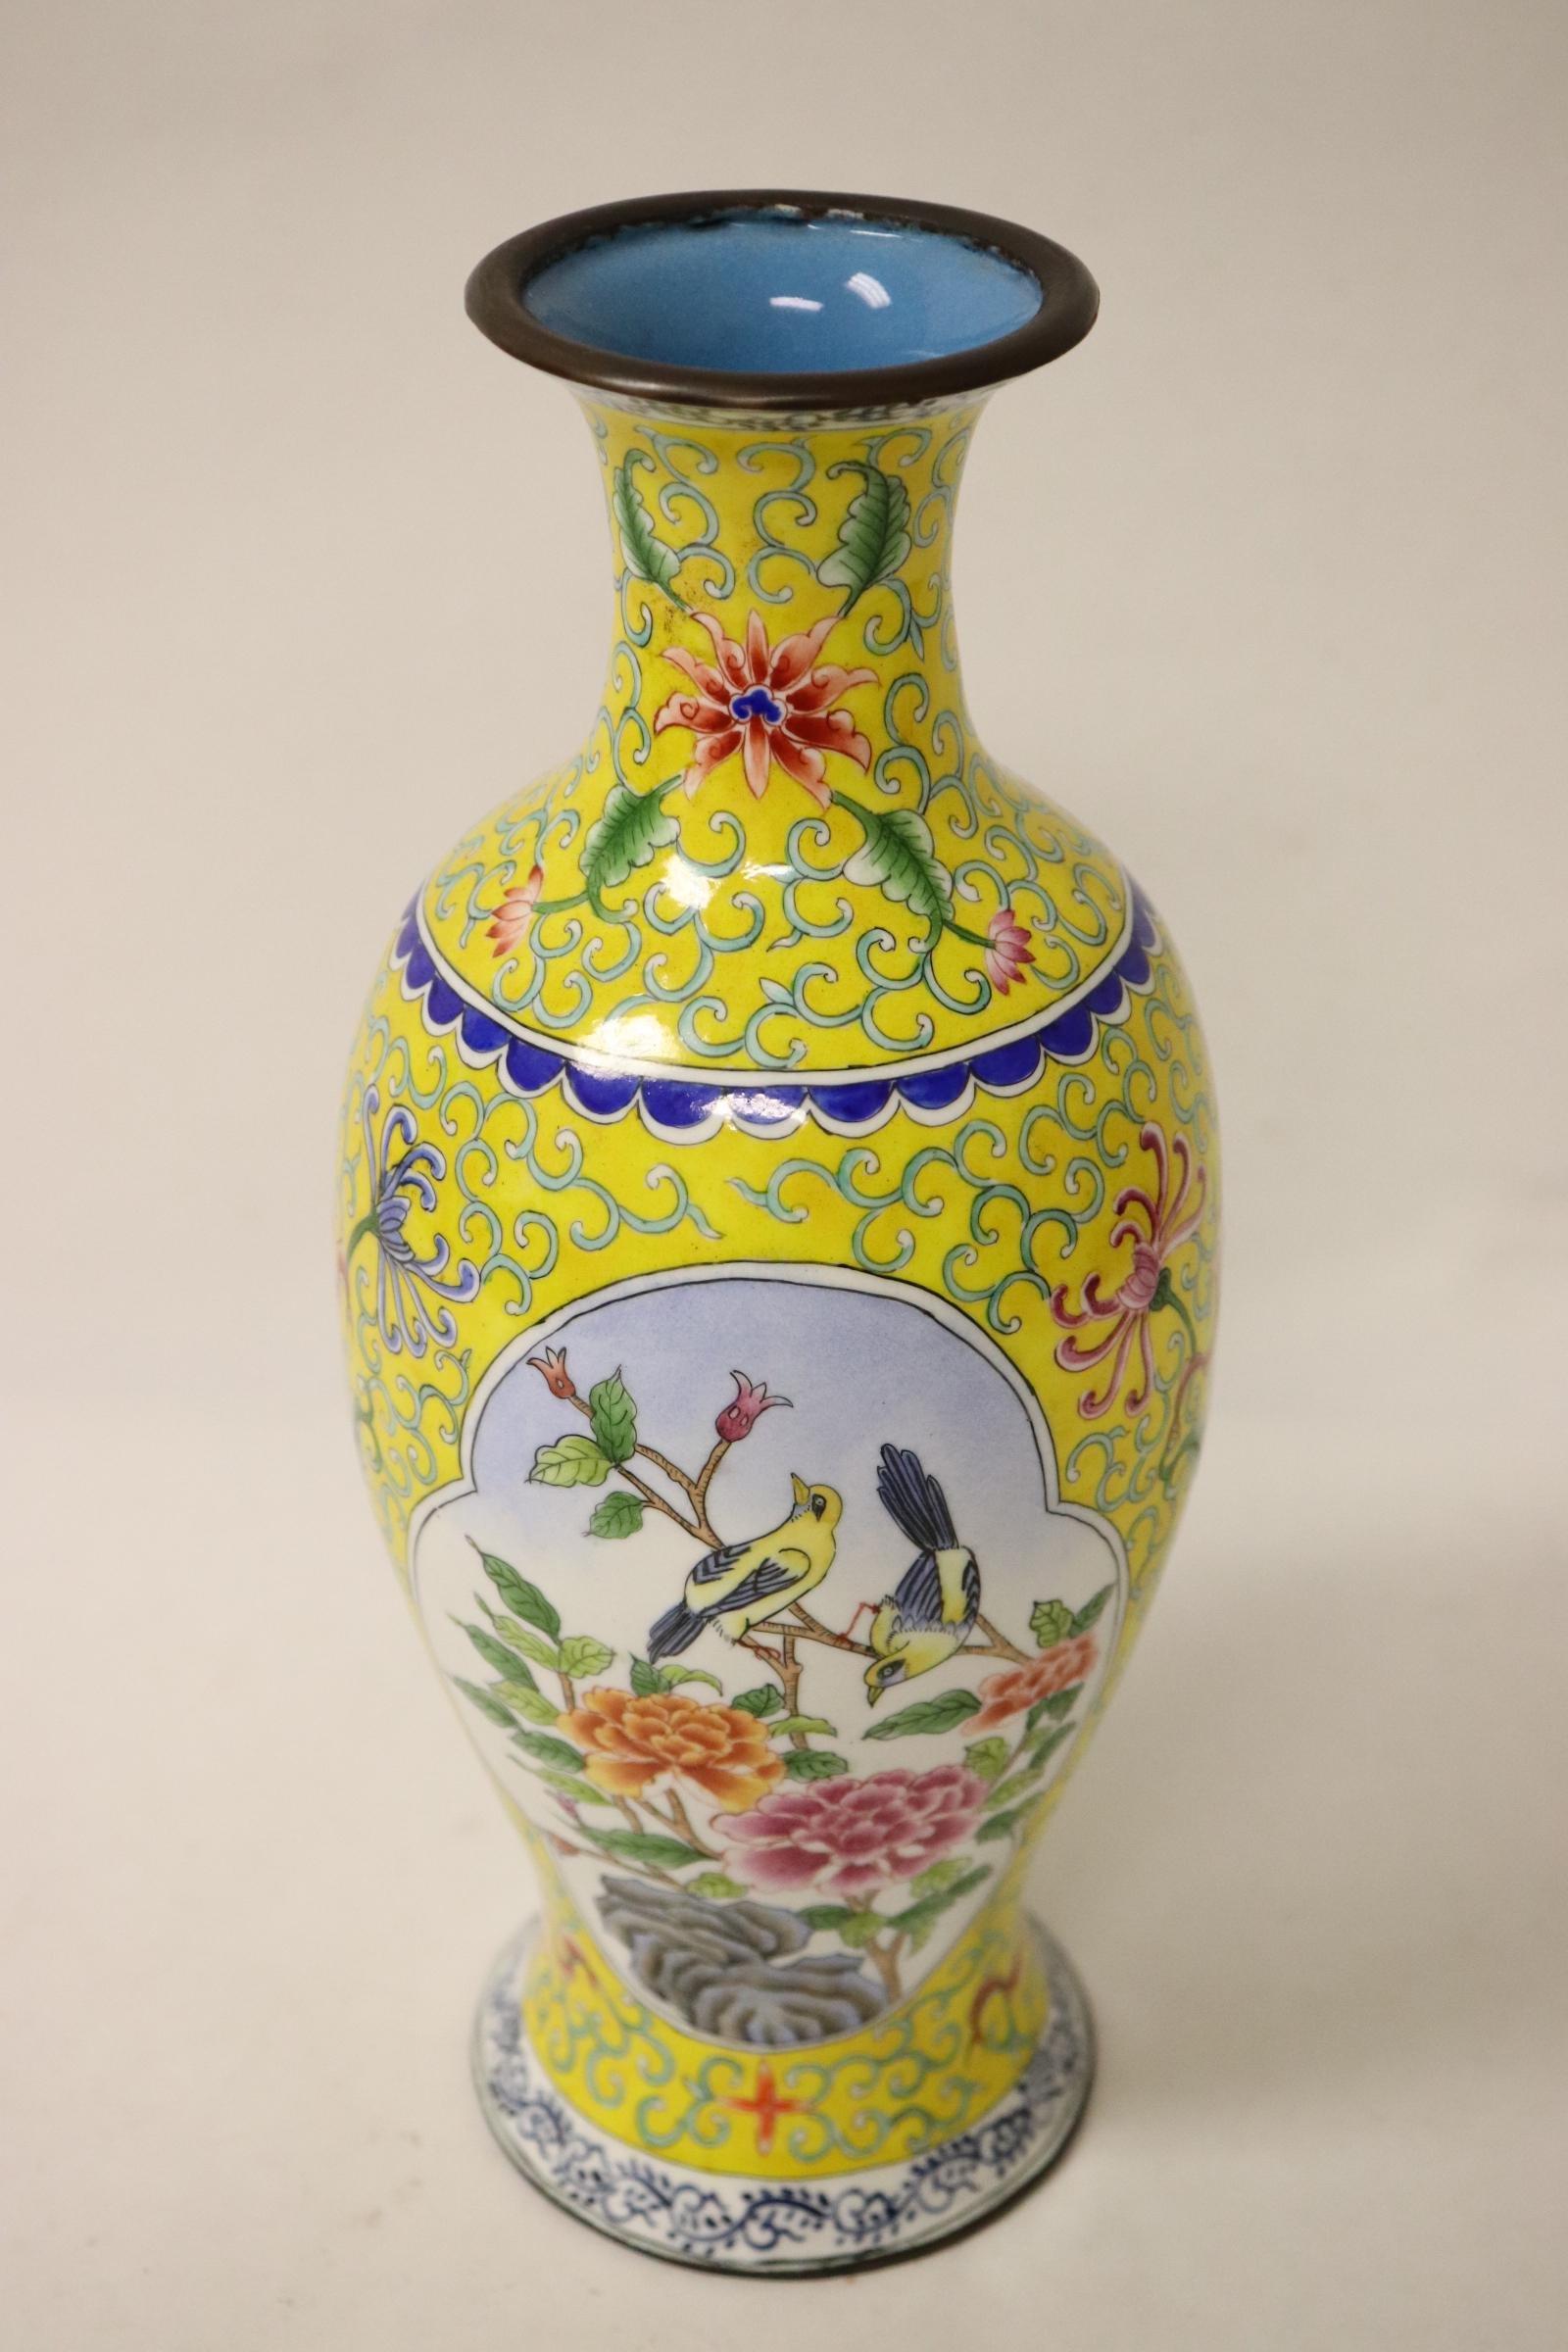 Chinese enamel on bronze vase